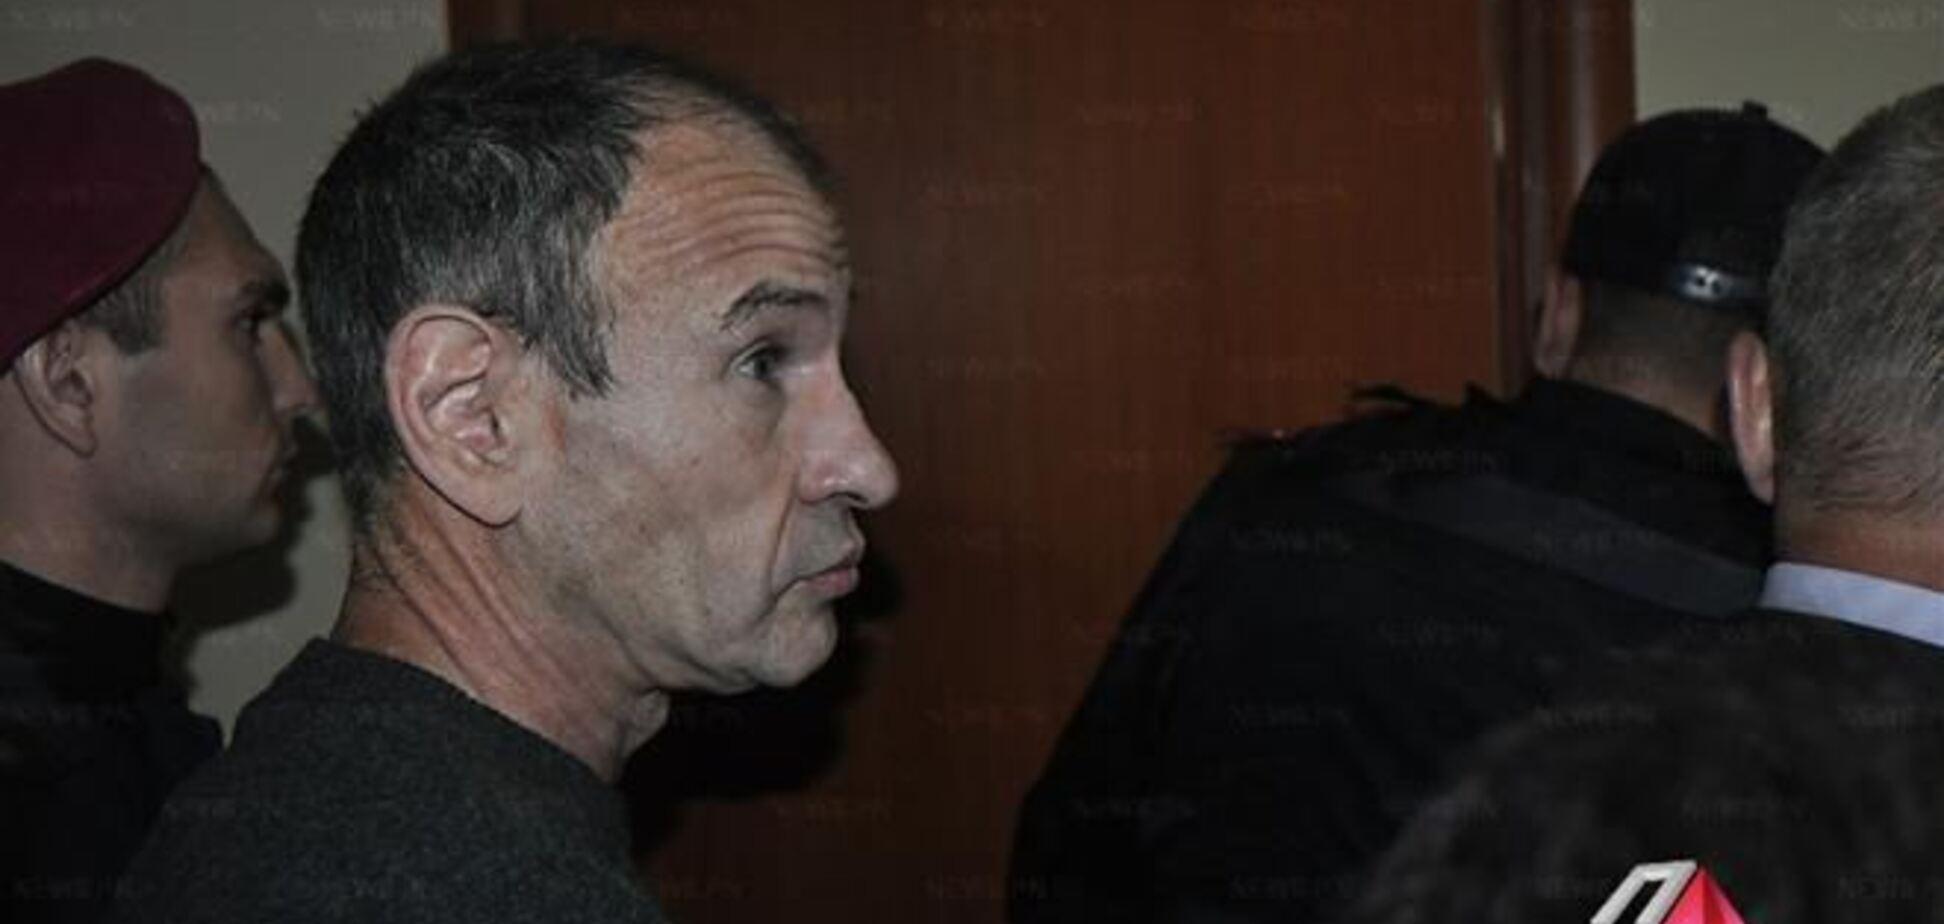 Адвокат Дрижака обвинил прокурора Николаевской области в непрофессионализме